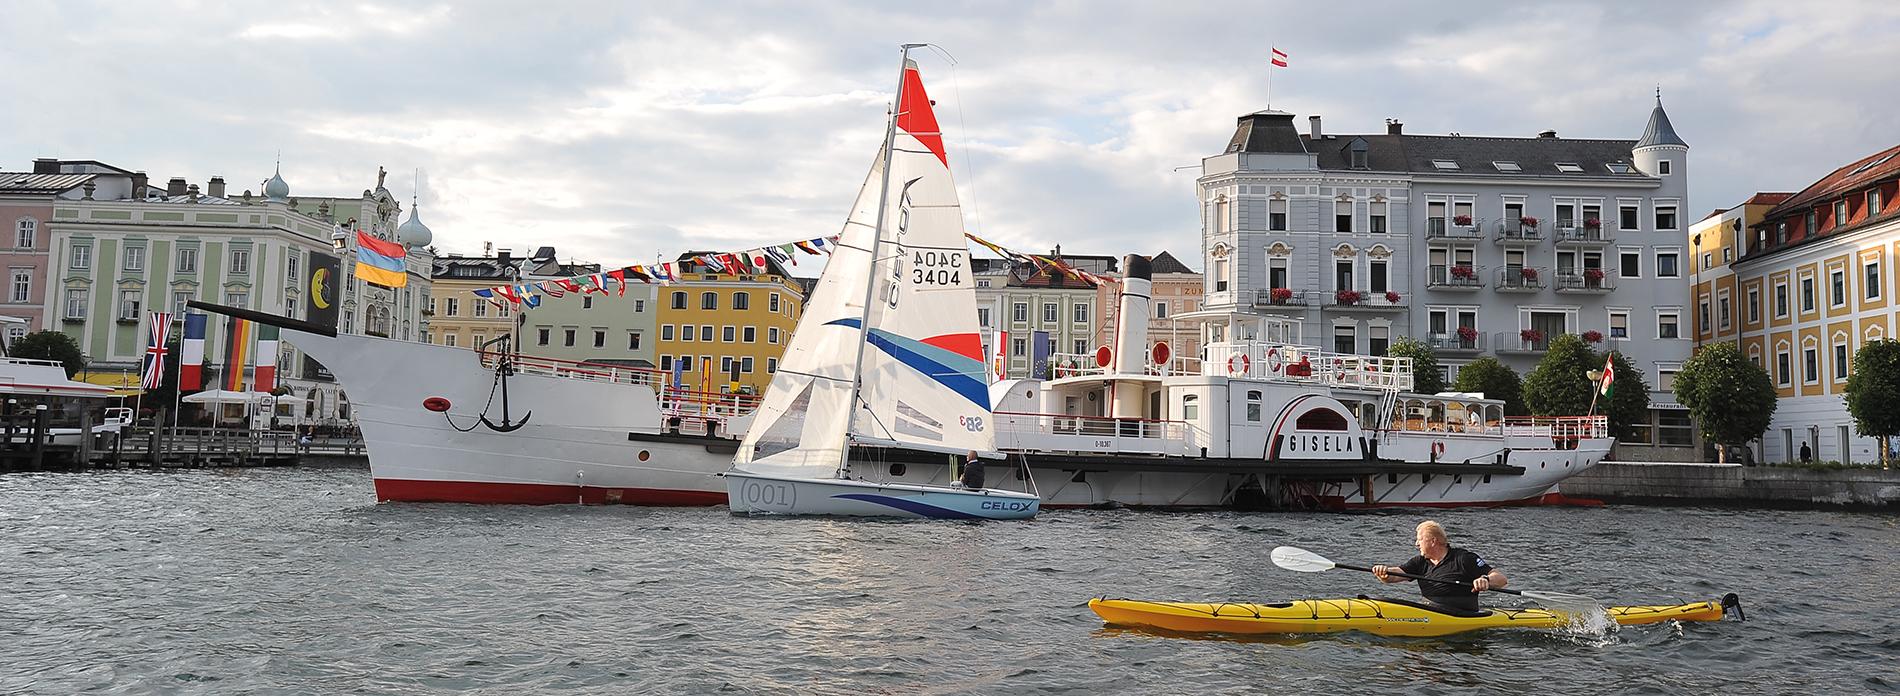 ein Kajakpaddler, Dampfschiff Gisela, ein Segelboot, Stadt Gmunden am Traunsee